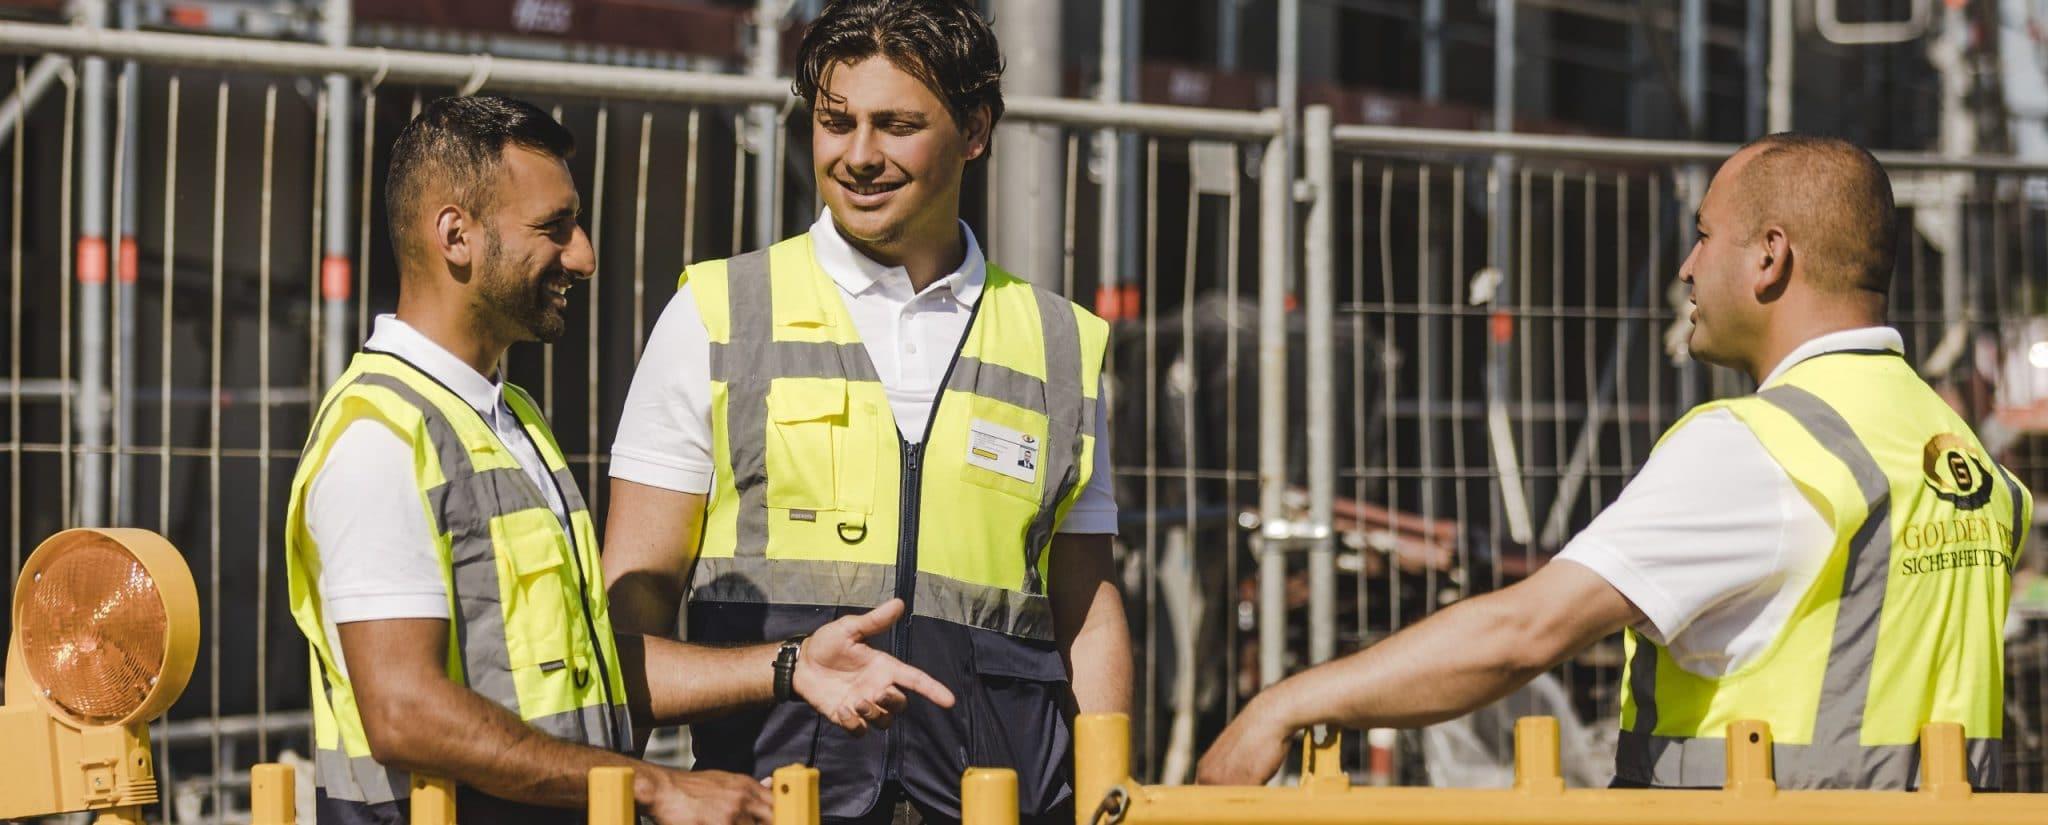 Sicherheitsdienst Markkleeberg